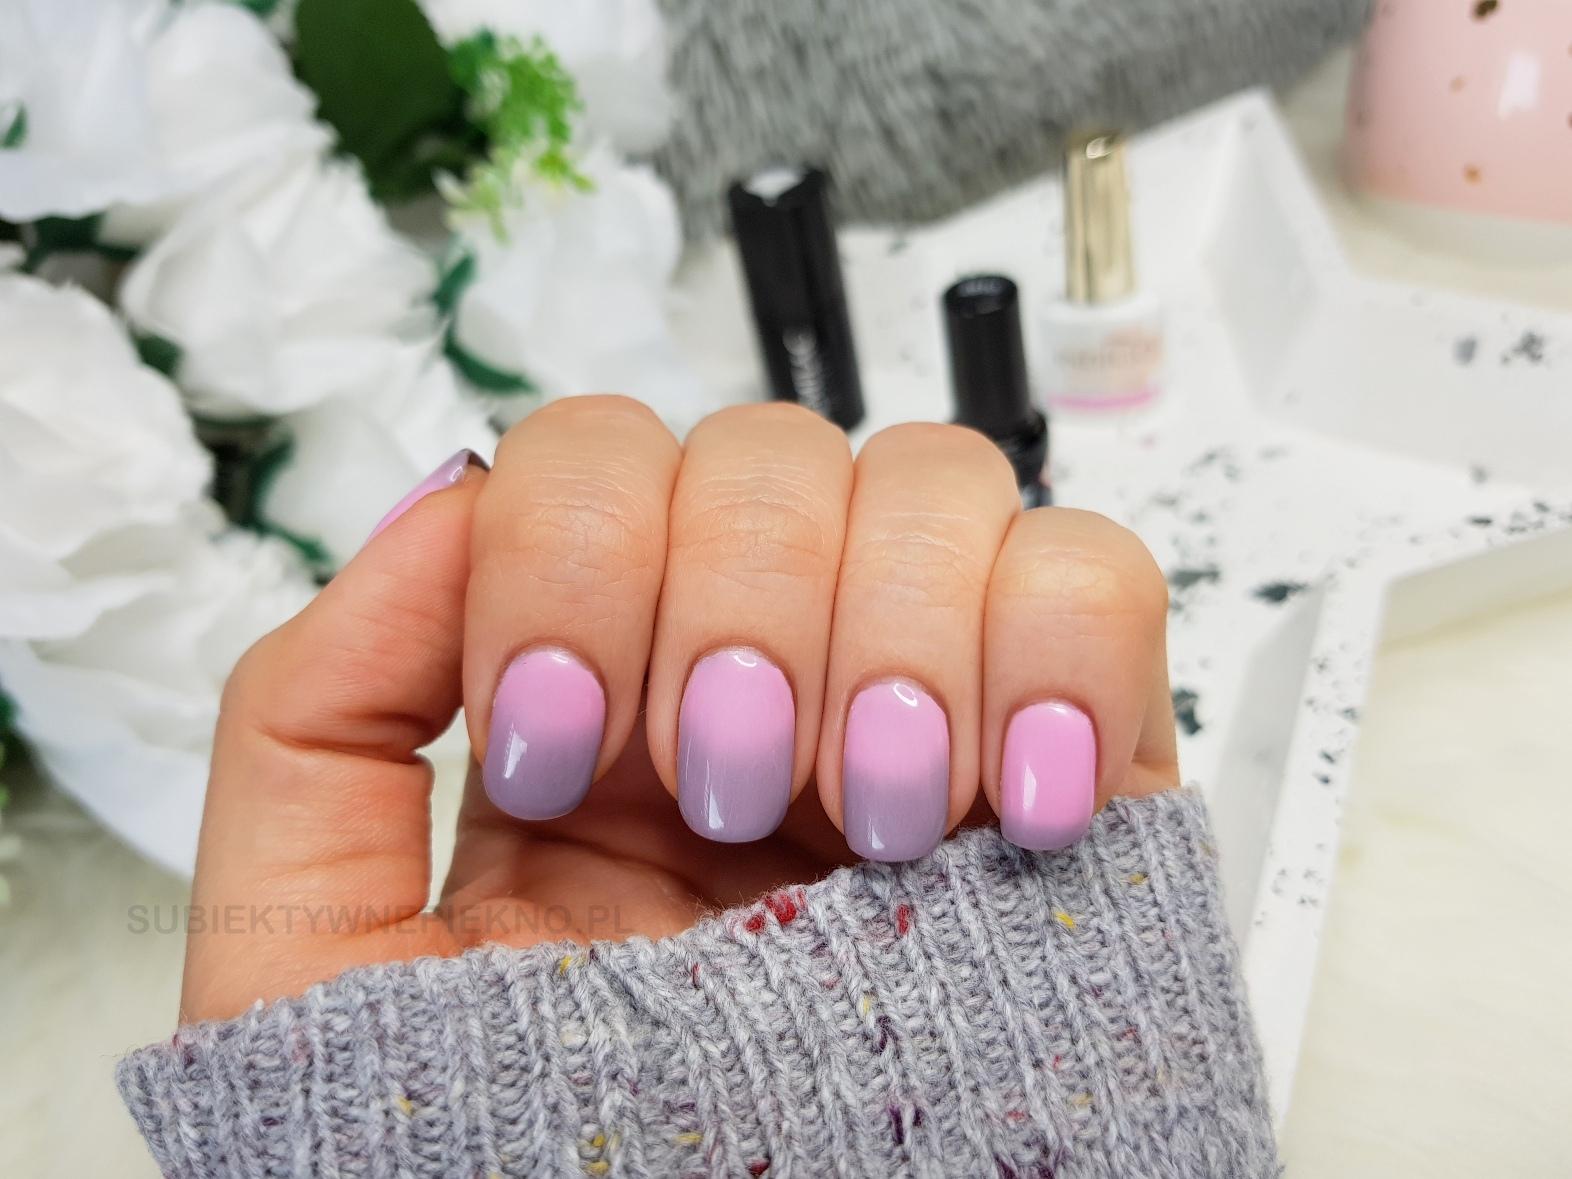 Termiczny lakier hybrydowy Color It Premium 2610 swatche na paznokciach - przejście kolorów